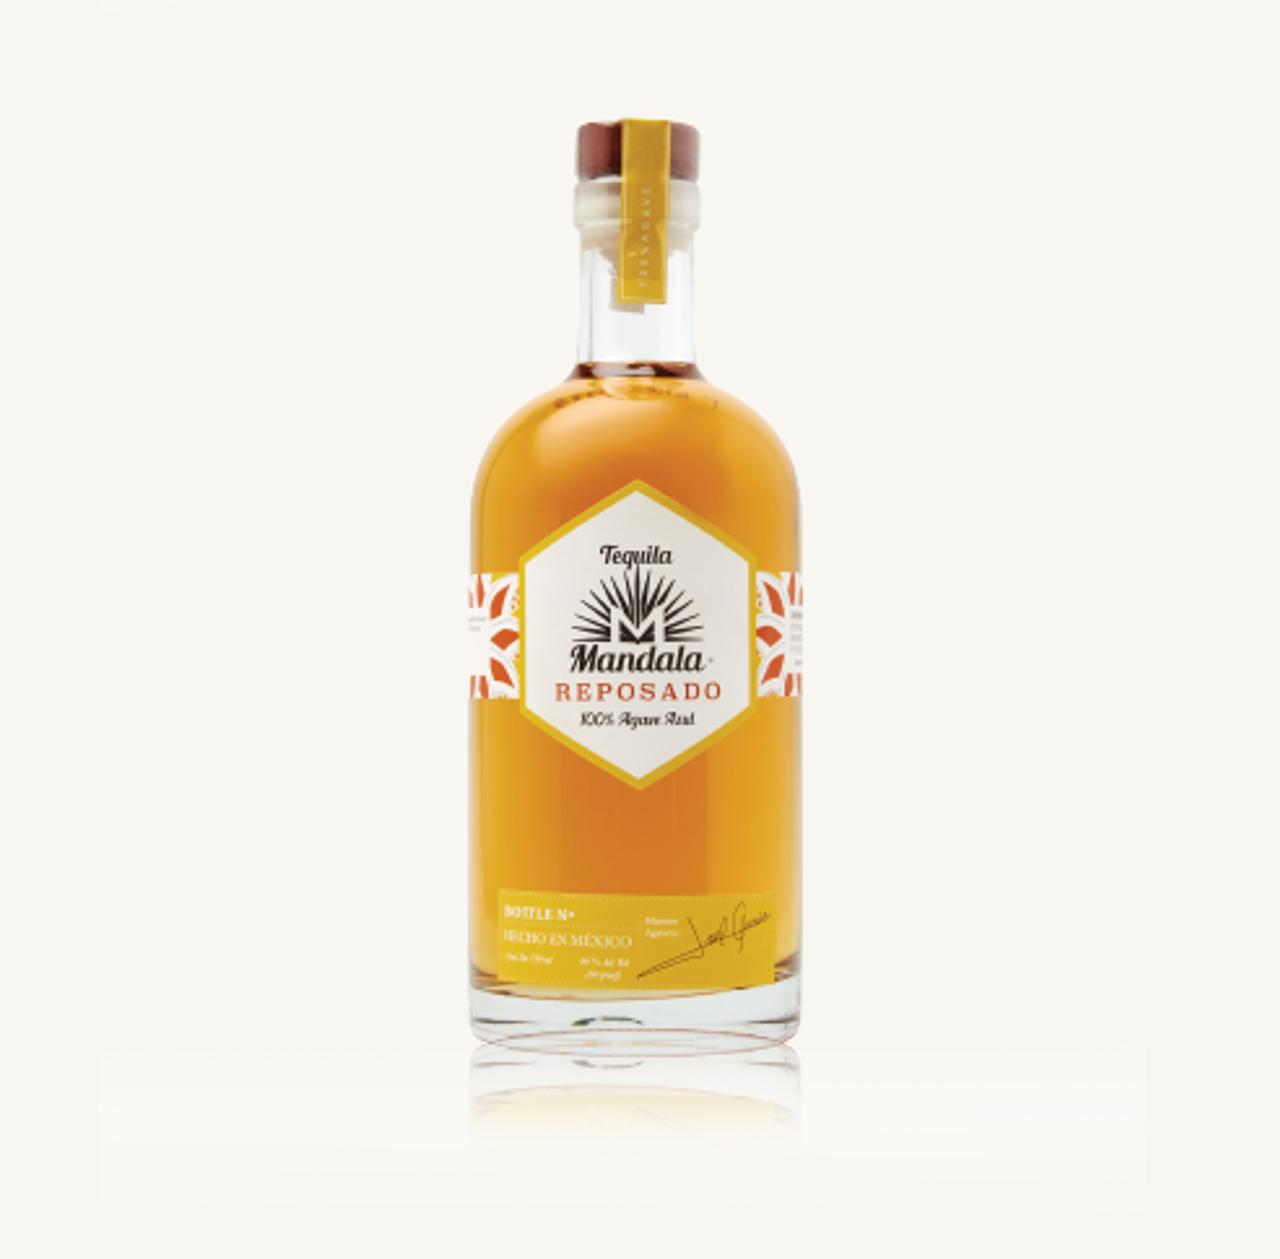 Mandala Reposado Tequila 750ml